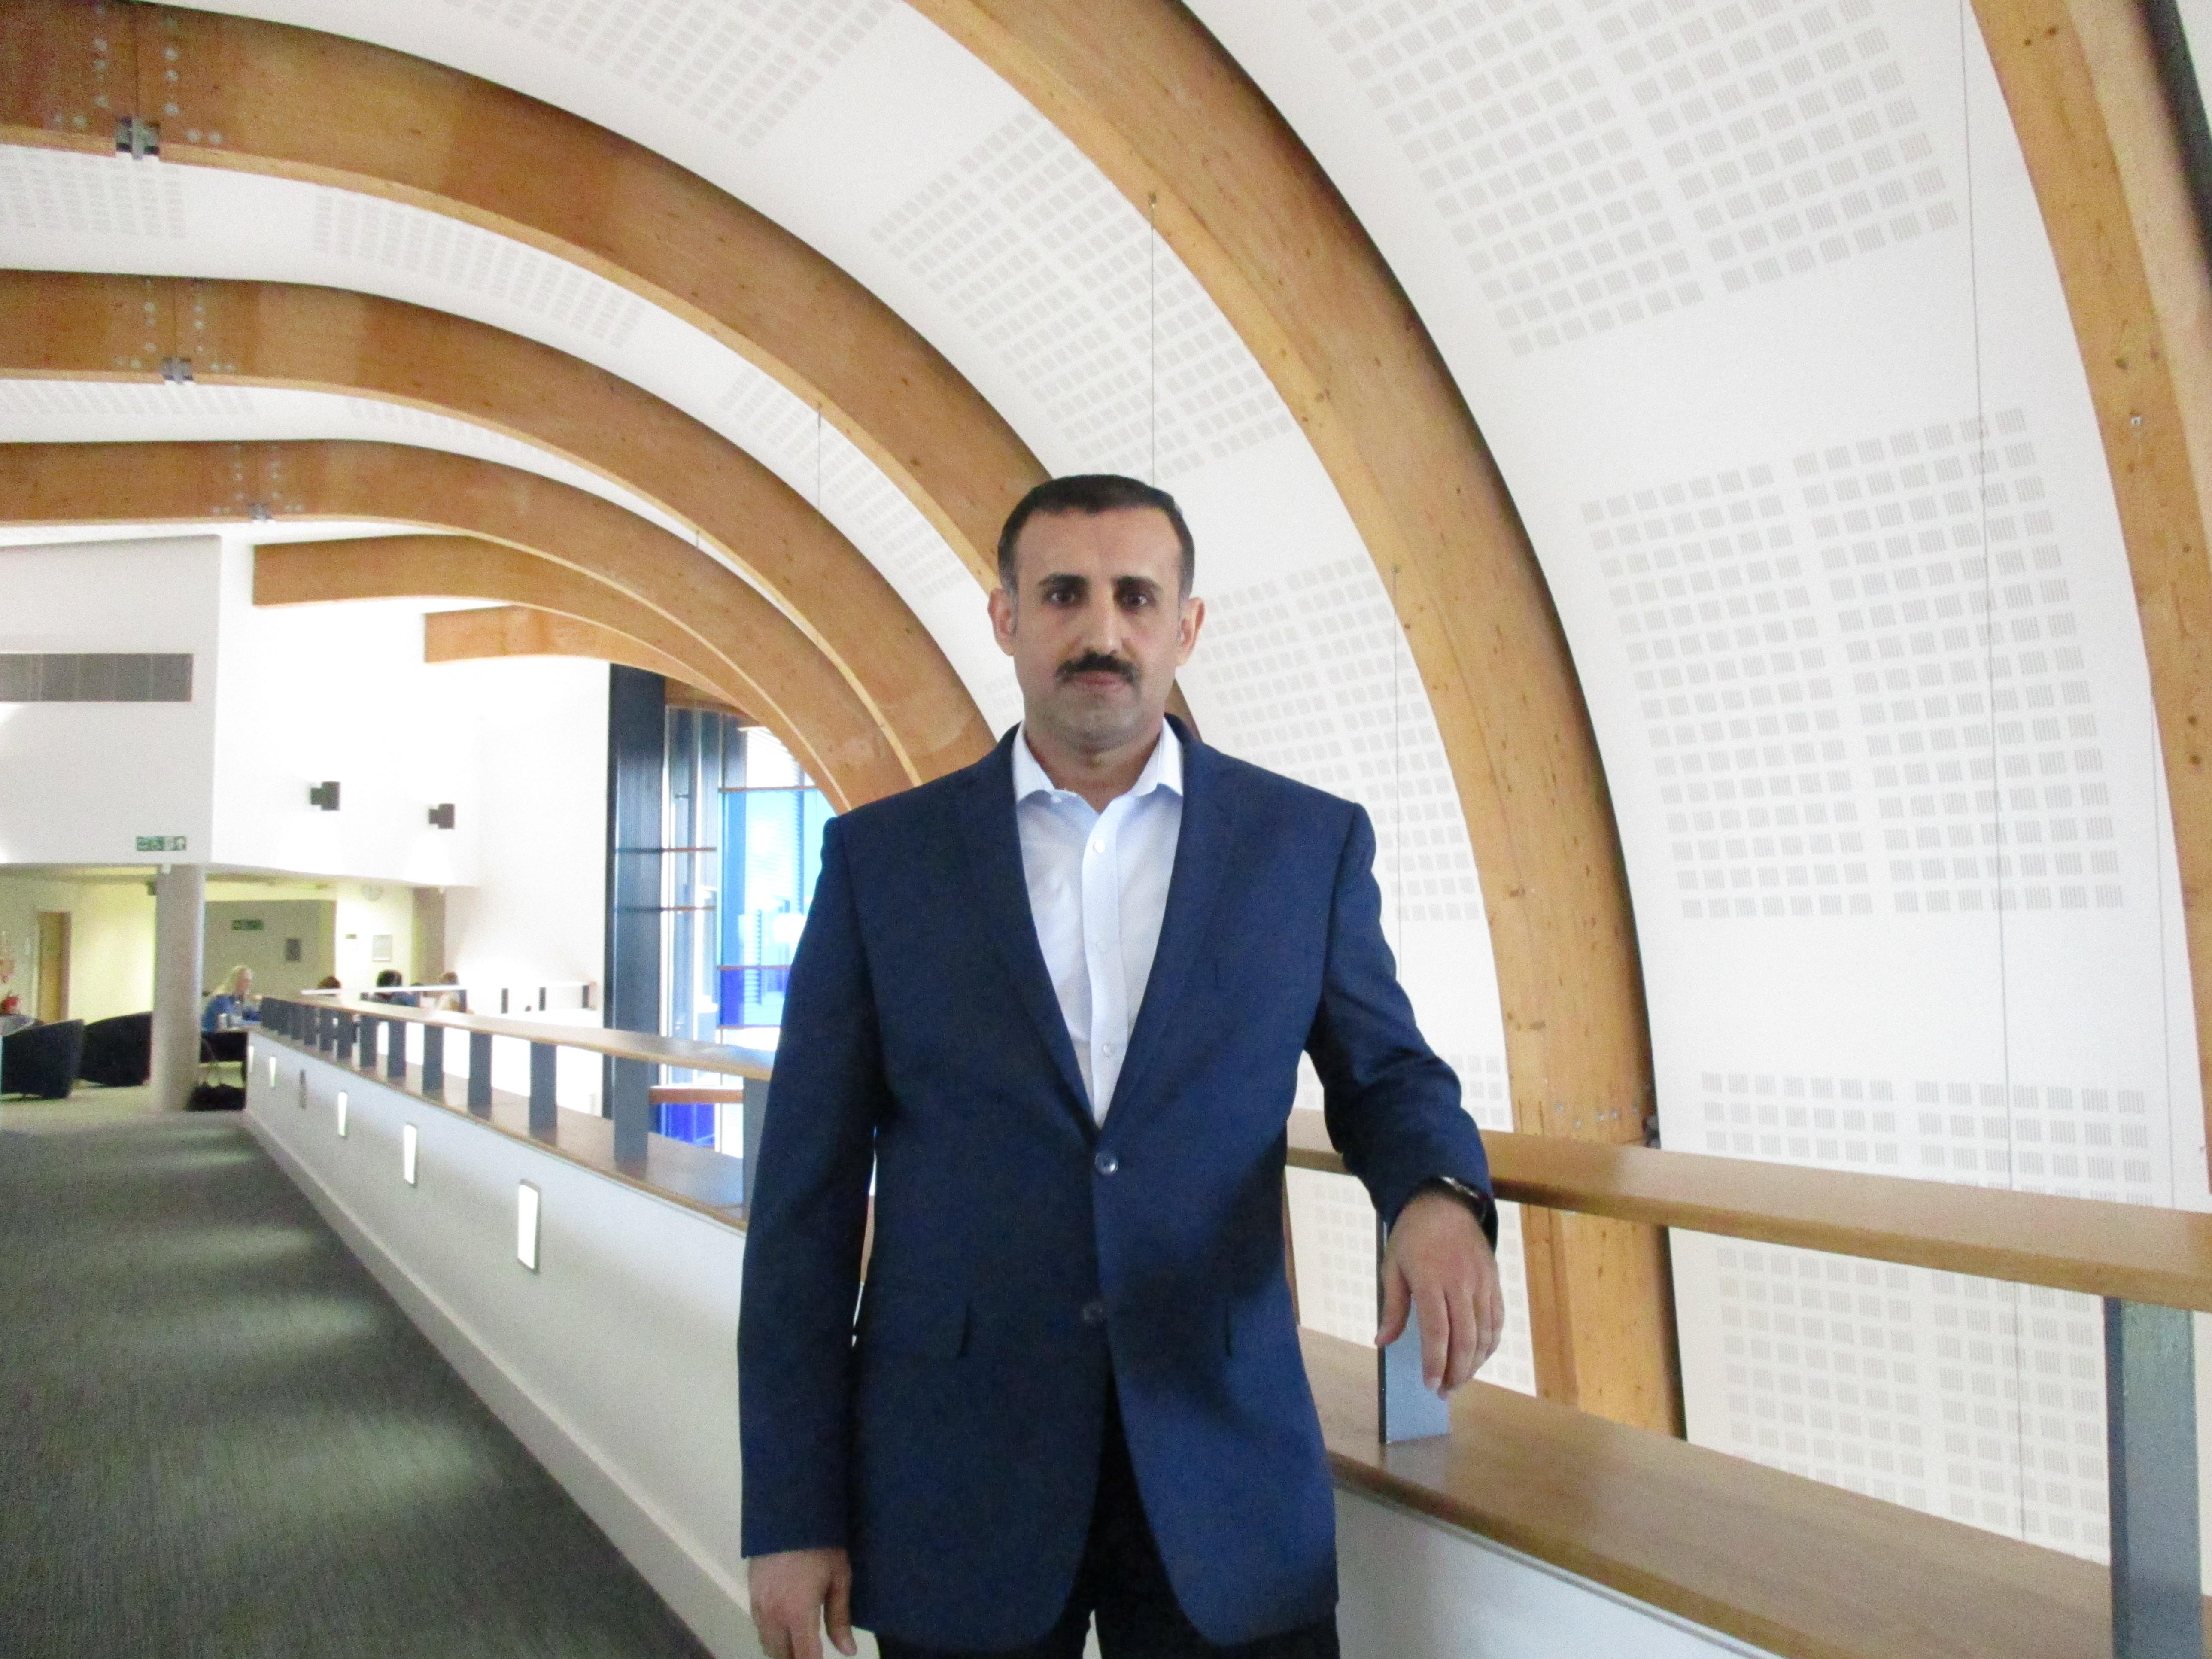 Muneer Alajmi